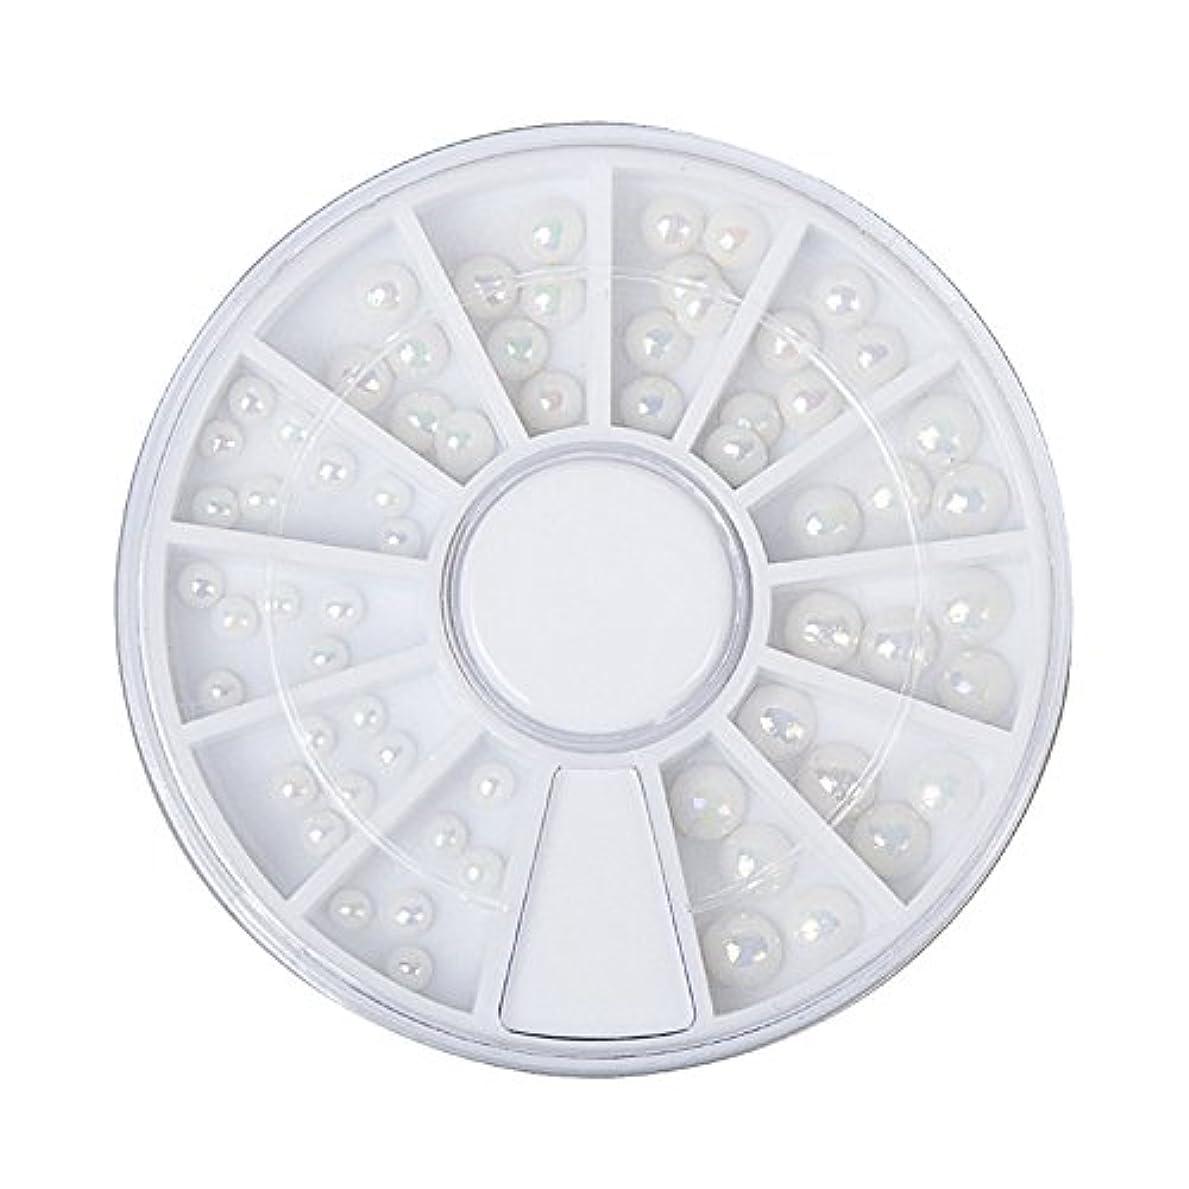 深いラウズヨーグルトジェルネイル ラインストーン アートパーツ パール ハート ダイヤモンド 22種類選択可